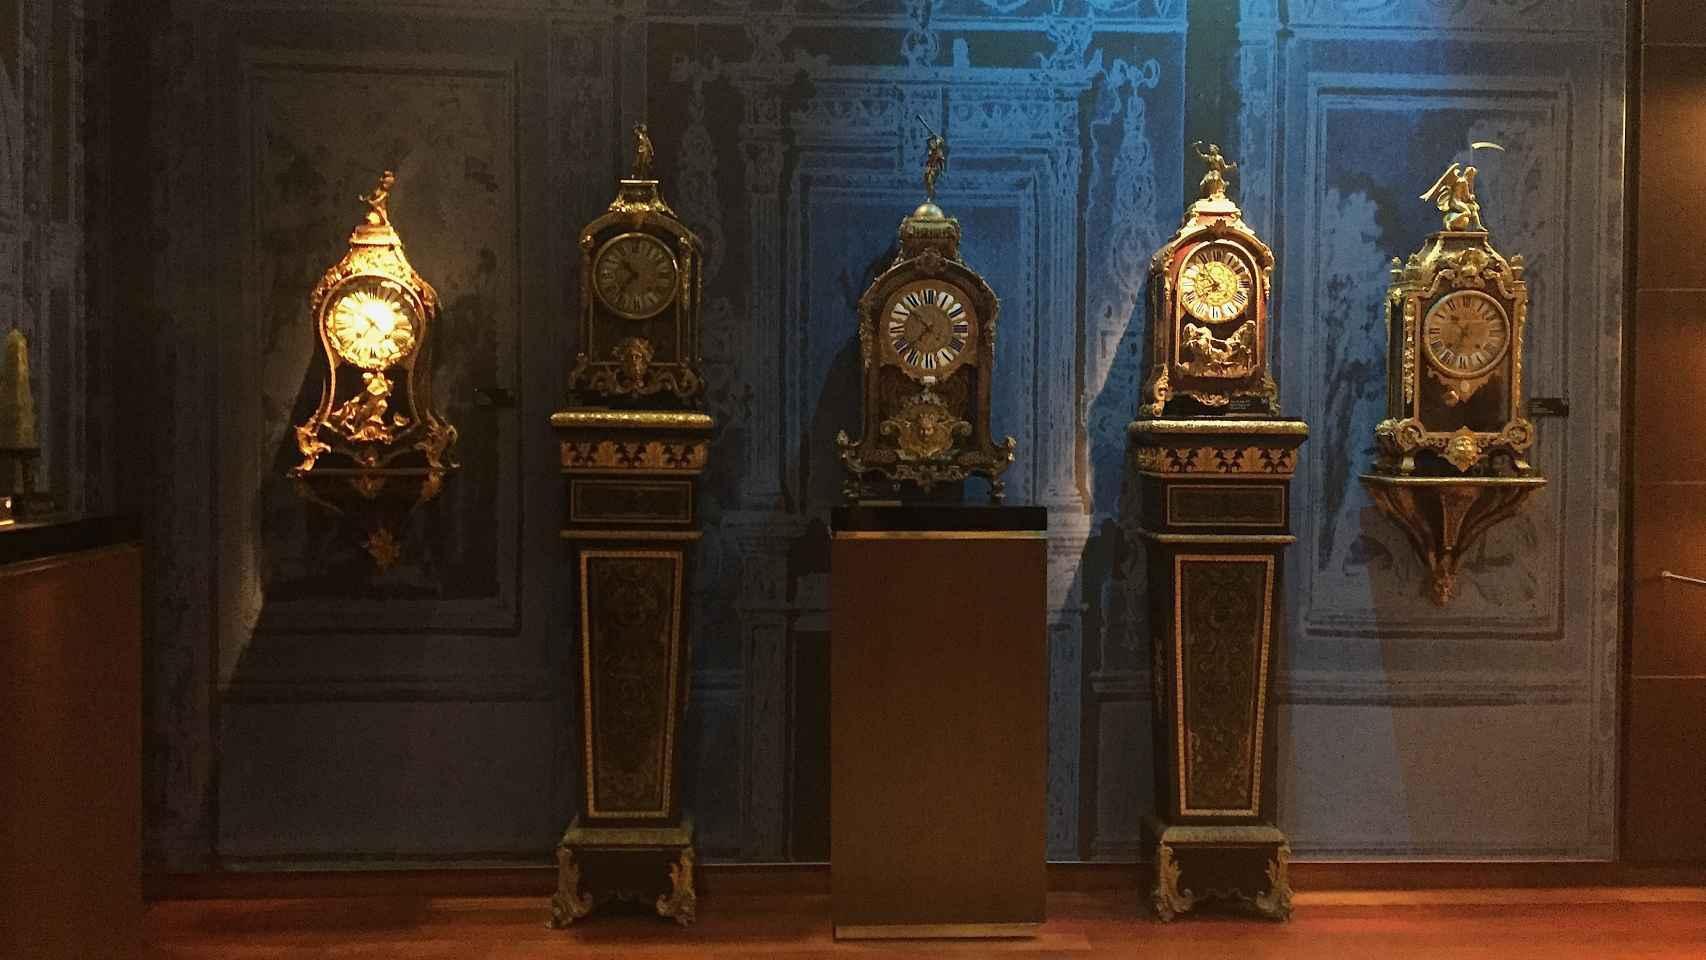 Imagen del Palacio del Tiempo con los relojes de Ruiz-Mateos.